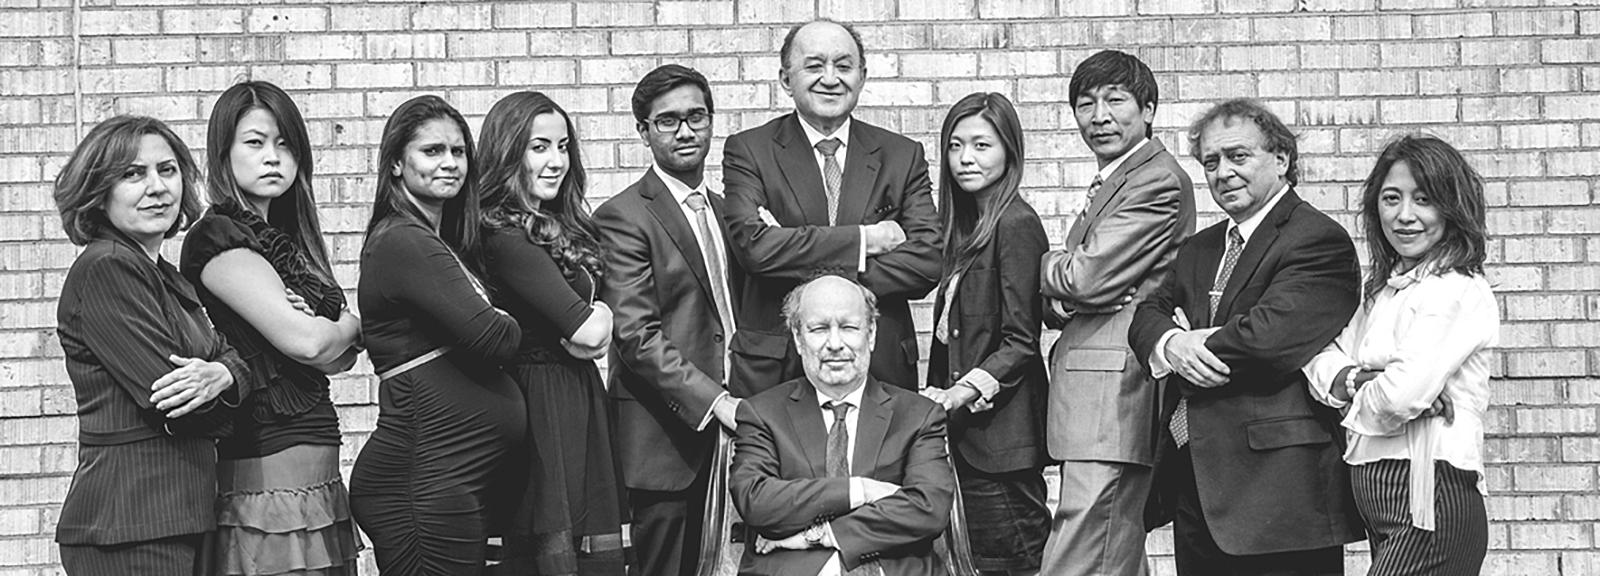 Edson Legal team